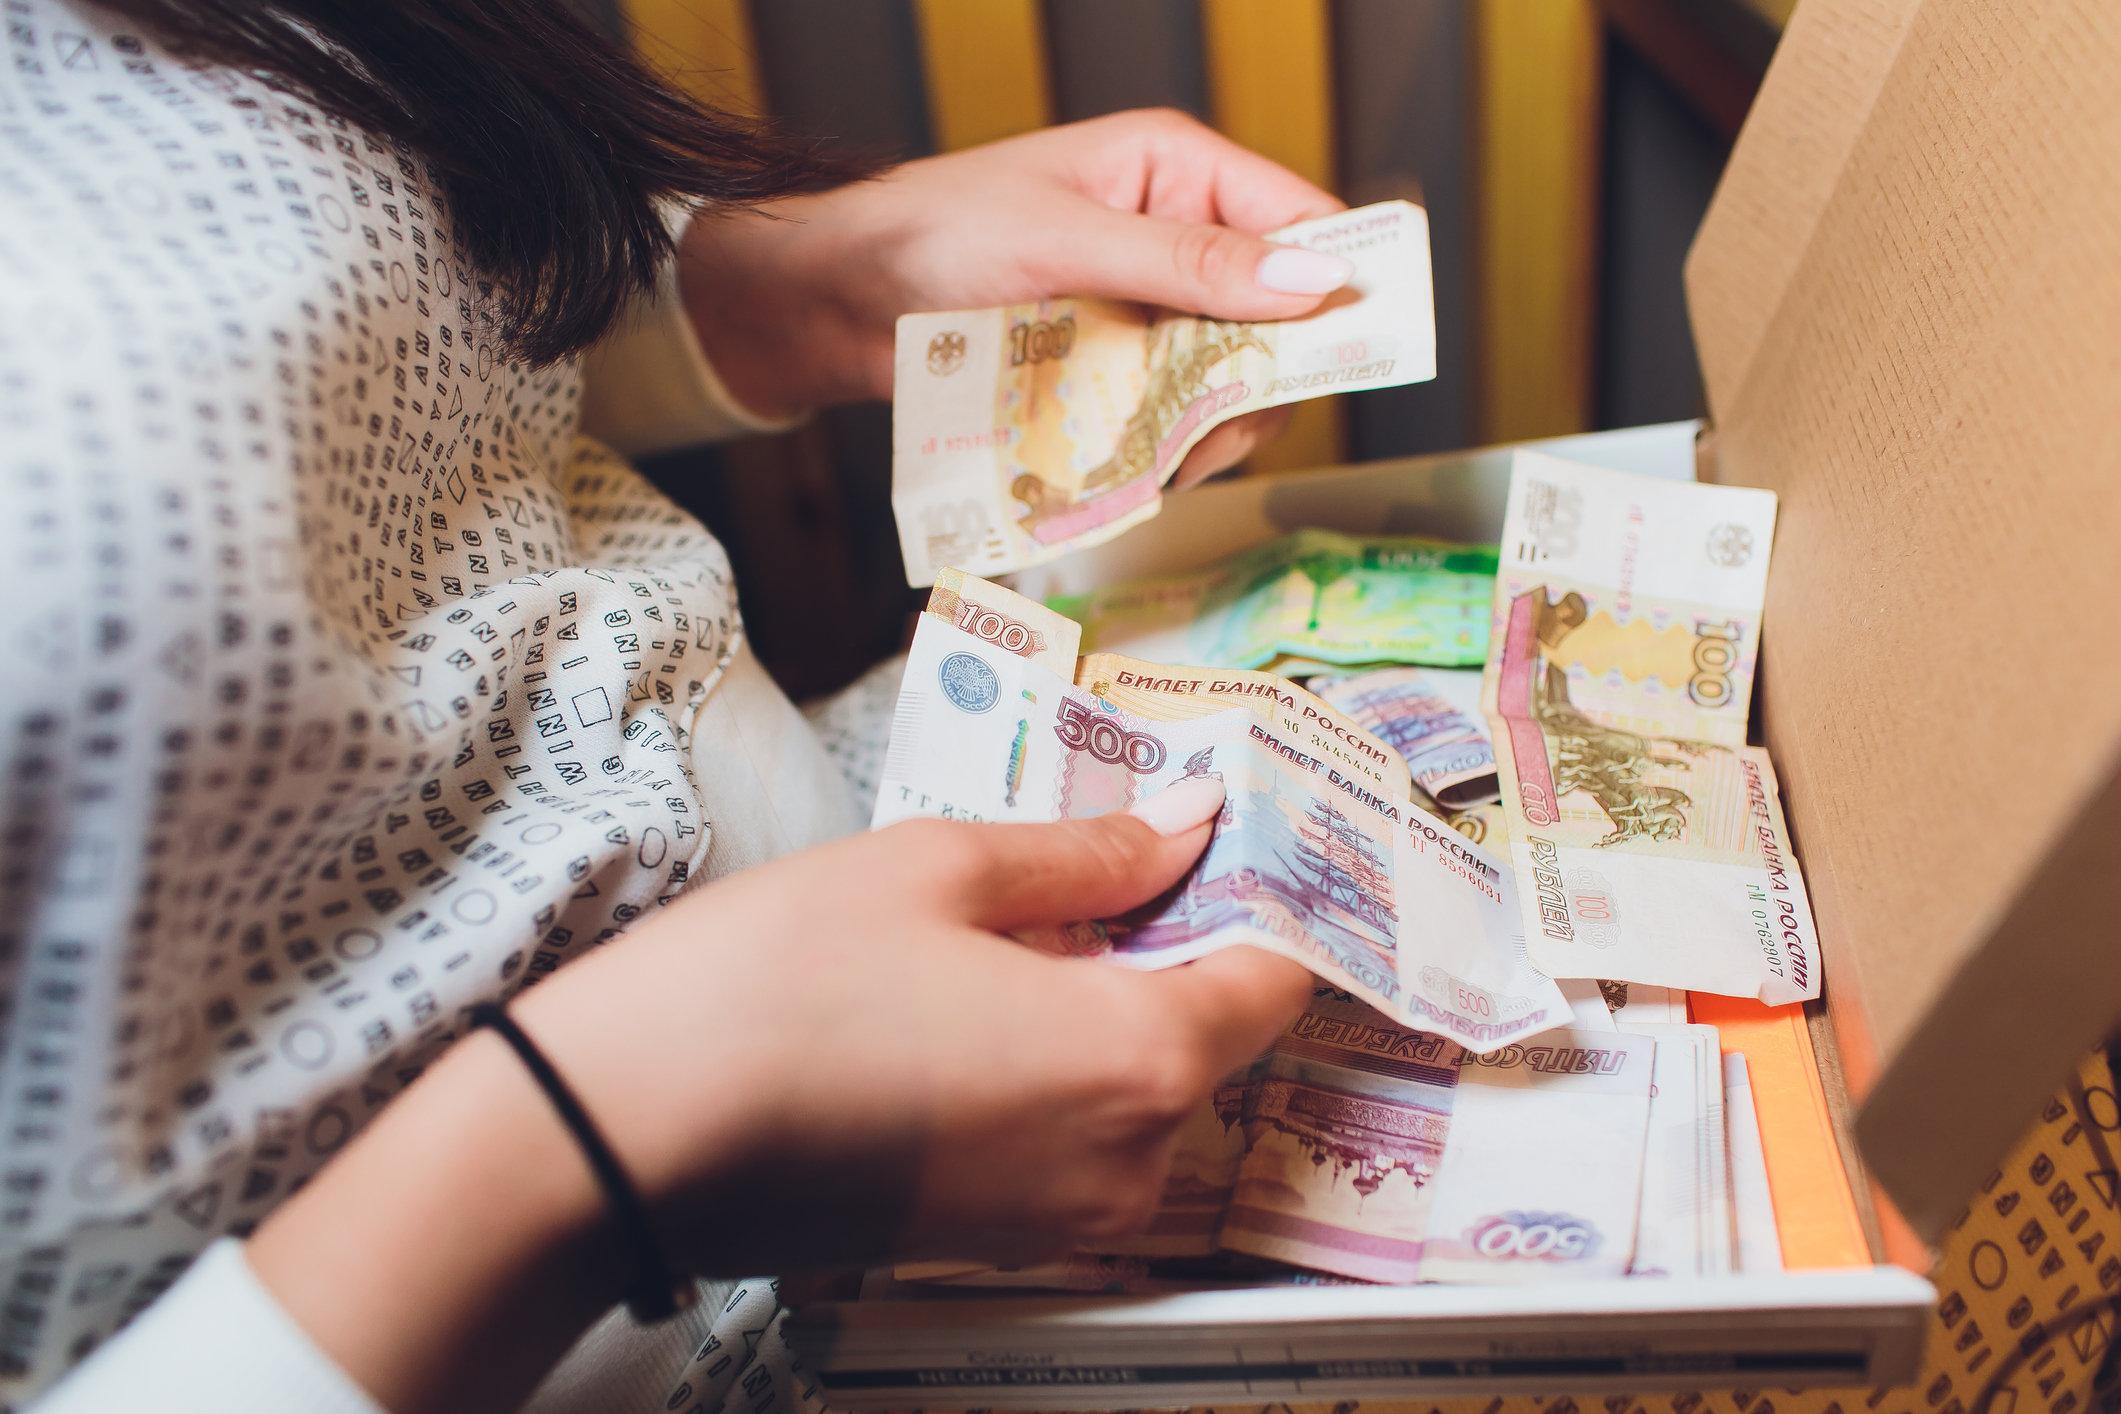 Гражданам с низкими доходами и без имущества станет доступно бесплатное банкротство